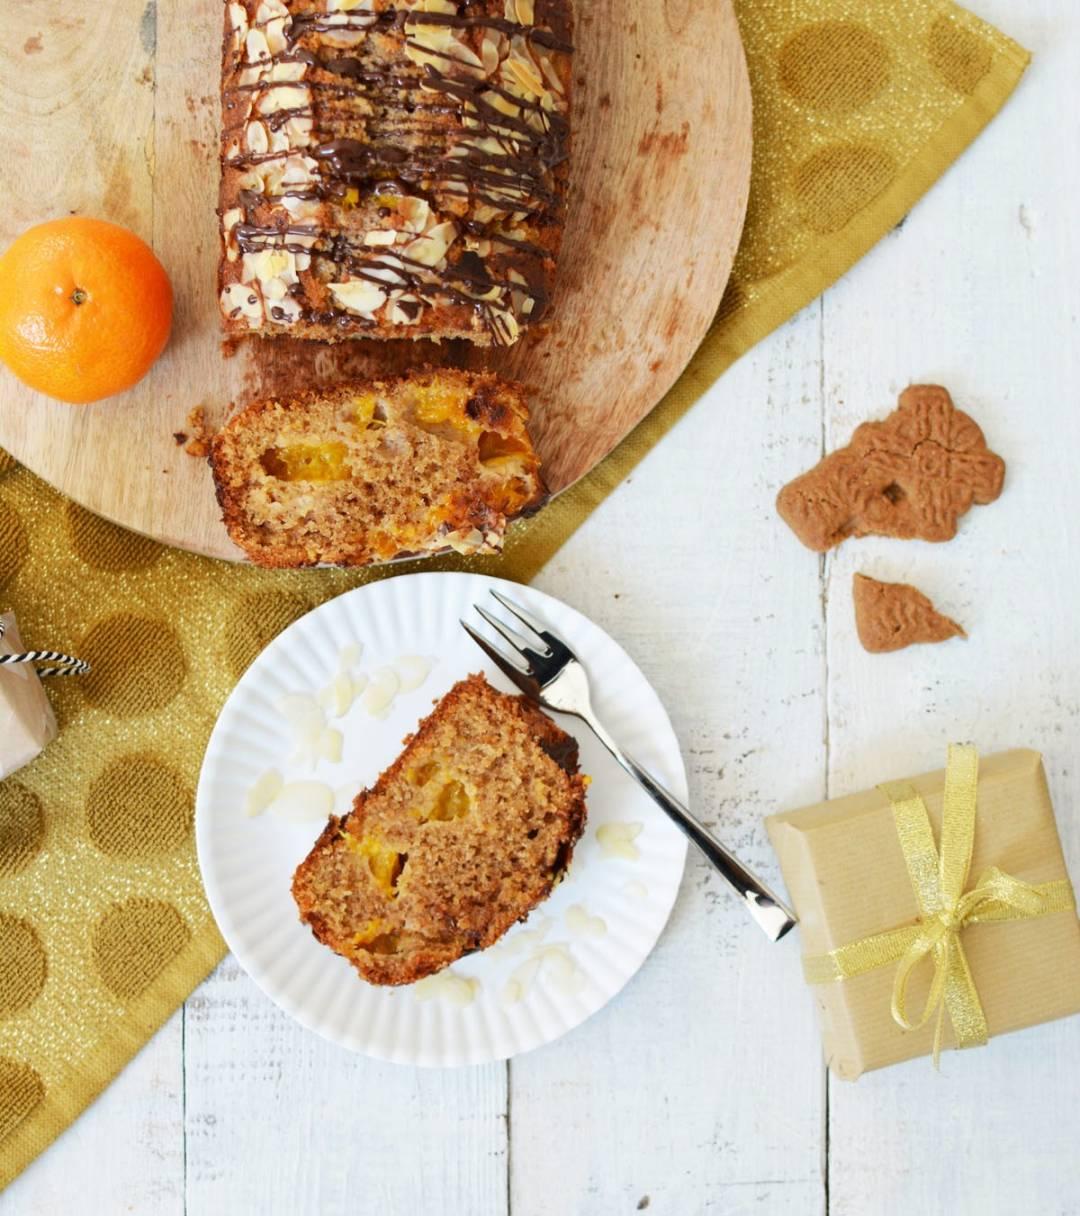 speculaascake-met-mandarijn-8